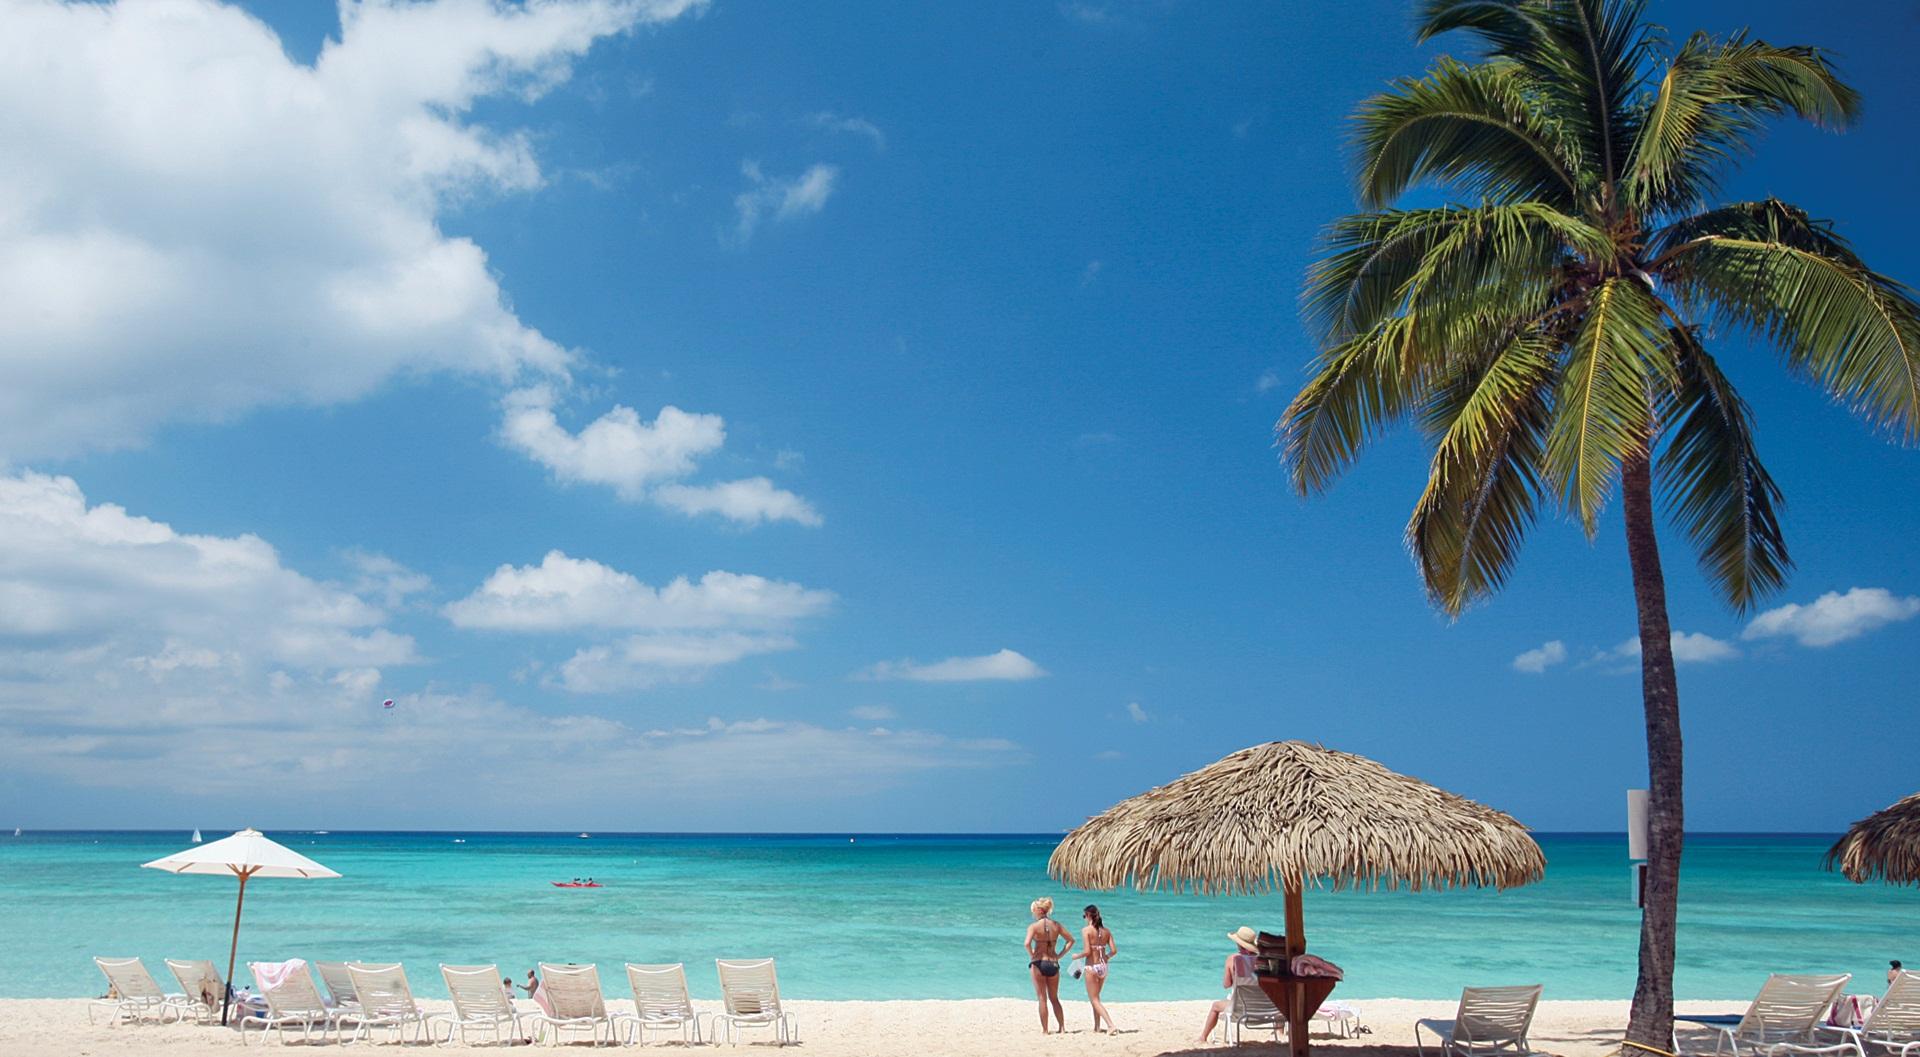 beach wallpapers beach cayman islands caribbean wallpaper best island 1920x1057